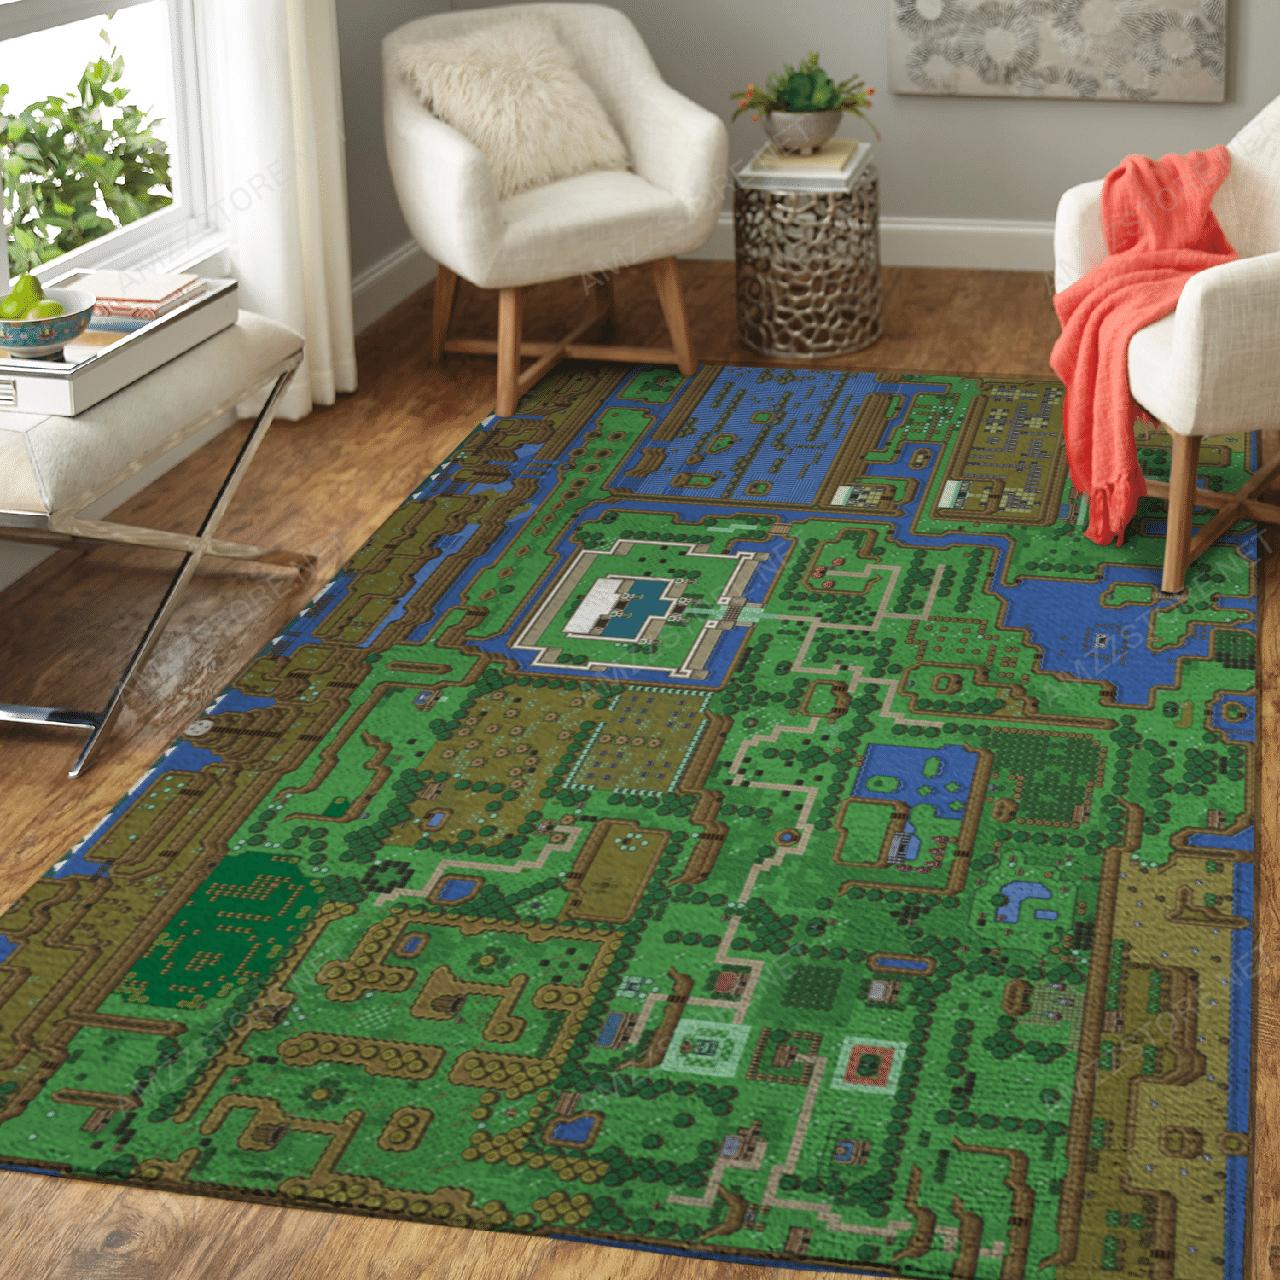 Legend of Zelda Full map Carpet Rug